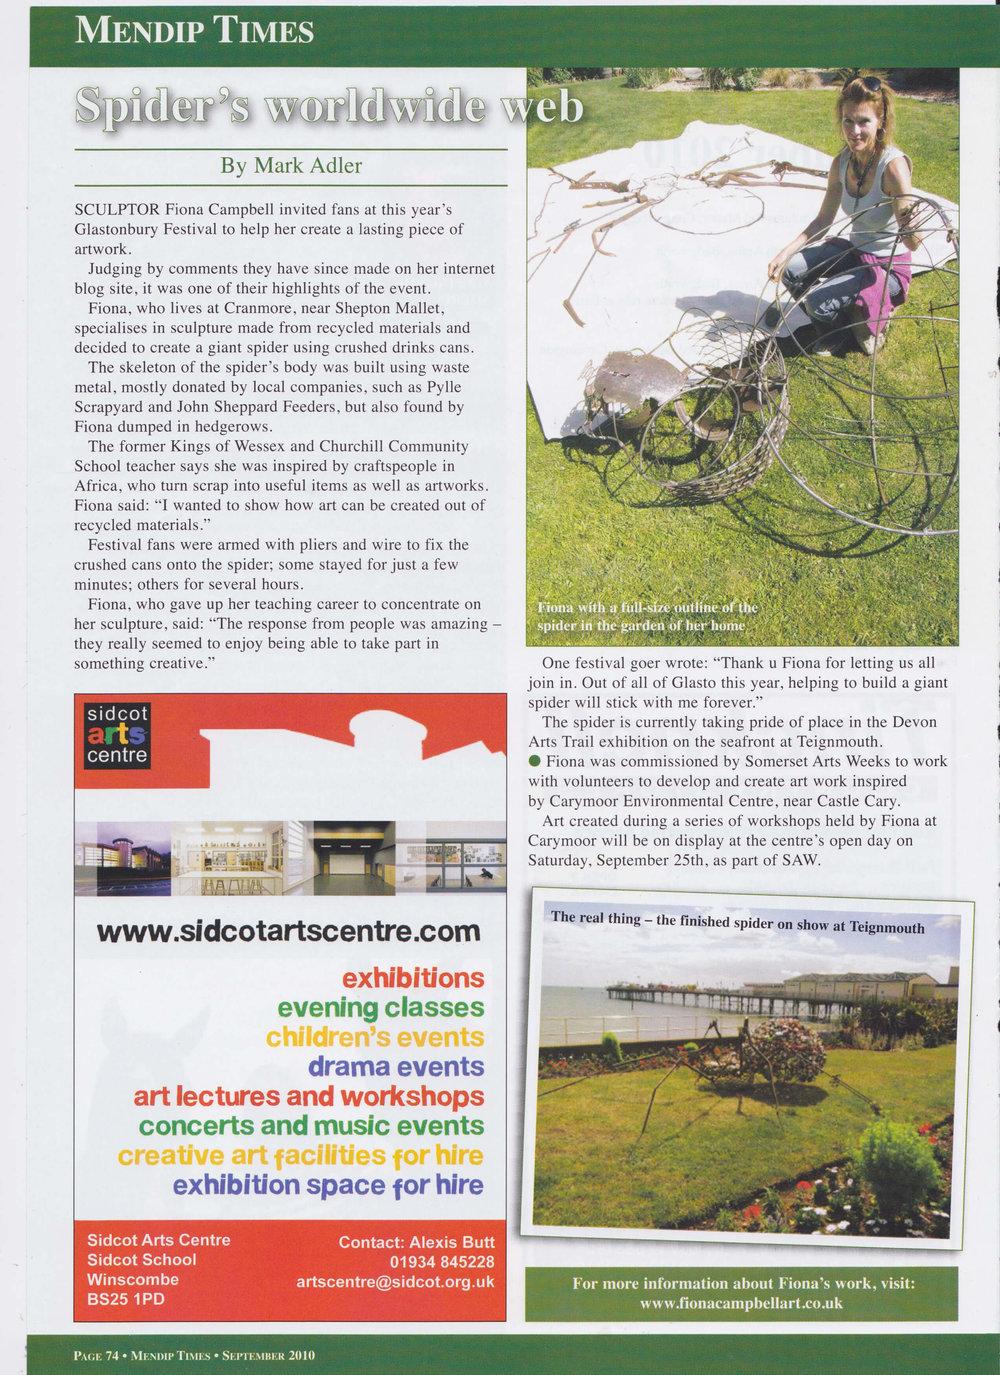 Mendip Times - Glastonbury Spider '10